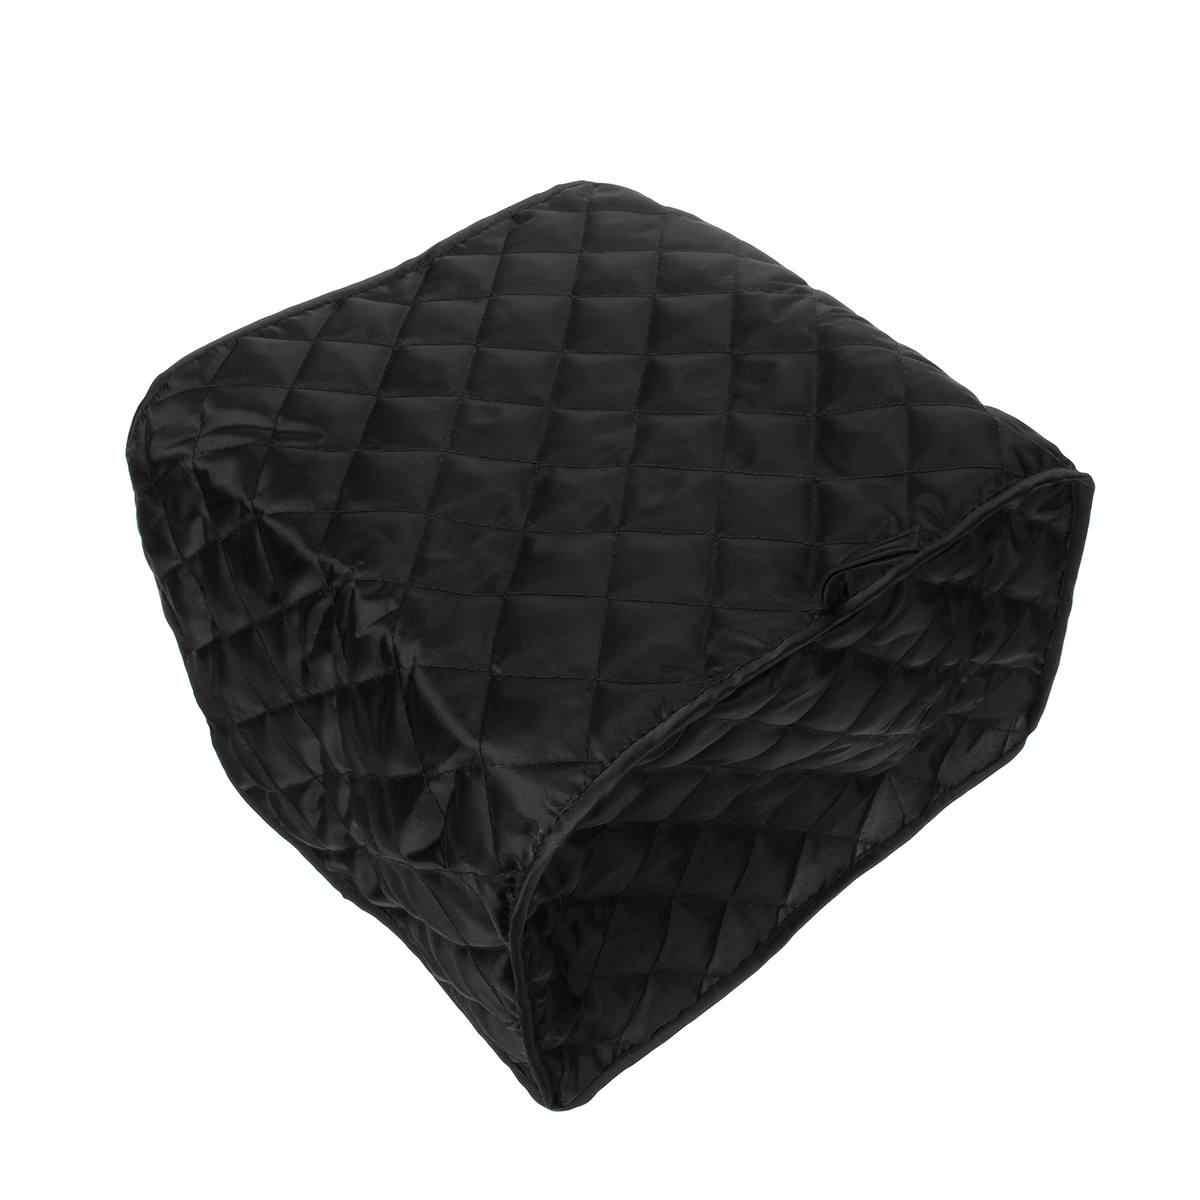 Couverture pour grille-pain à deux tranches   Couvercle Anti-poussière pour Machine à pain, housse de protection contre les empreintes